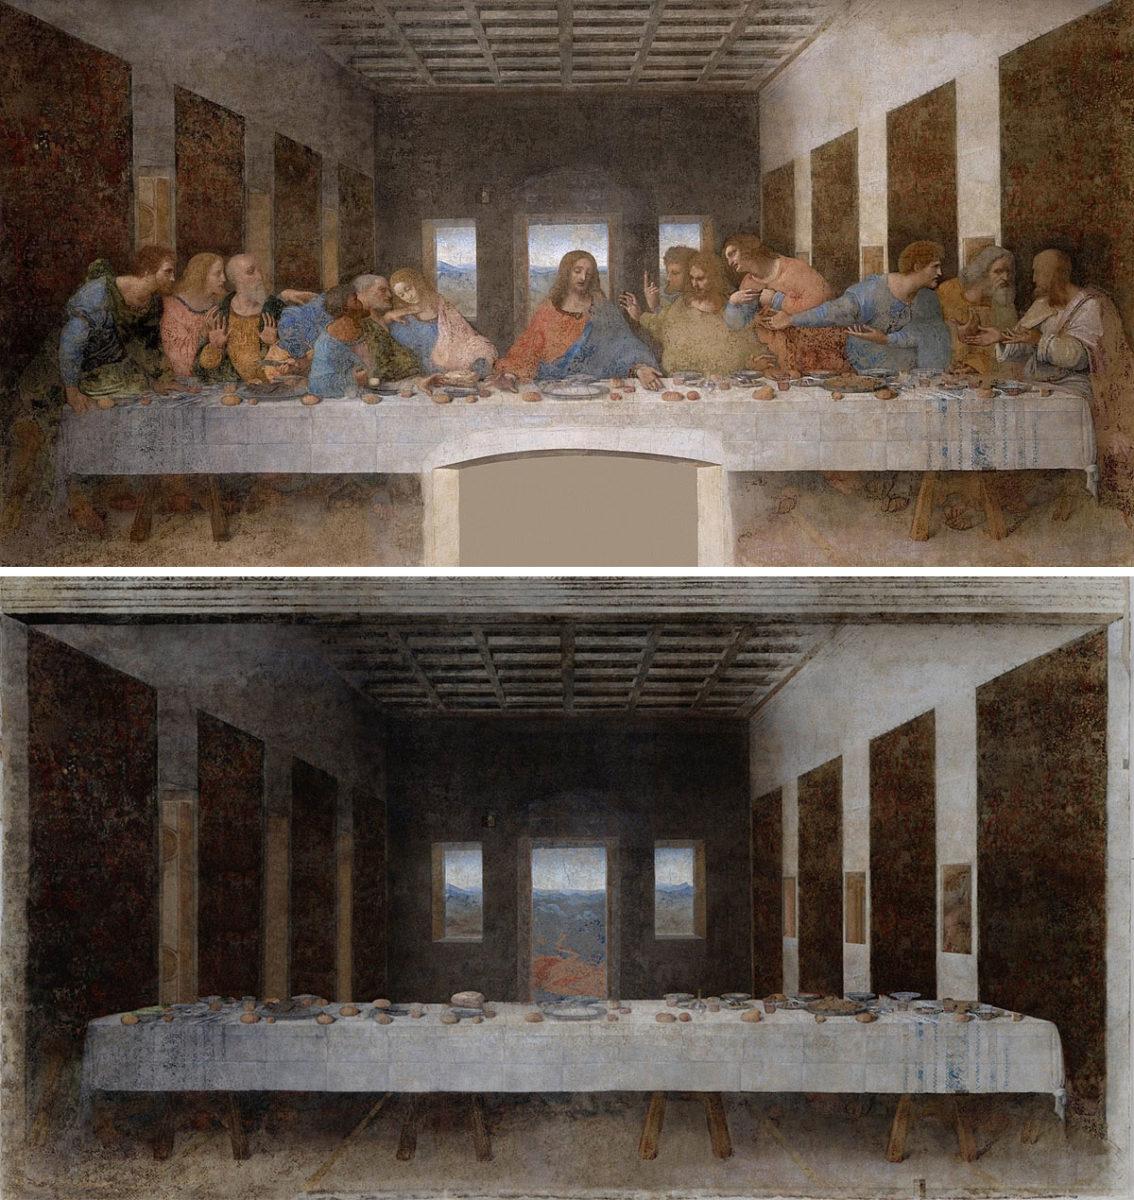 «Ο Μυστικός Δείπνος» του Λεονάρντο ντα Βίντσι (1498) και το αντίστοιχο έργο του Χοσέ Μανουέλ Μπαγεστέρ (κάτω).